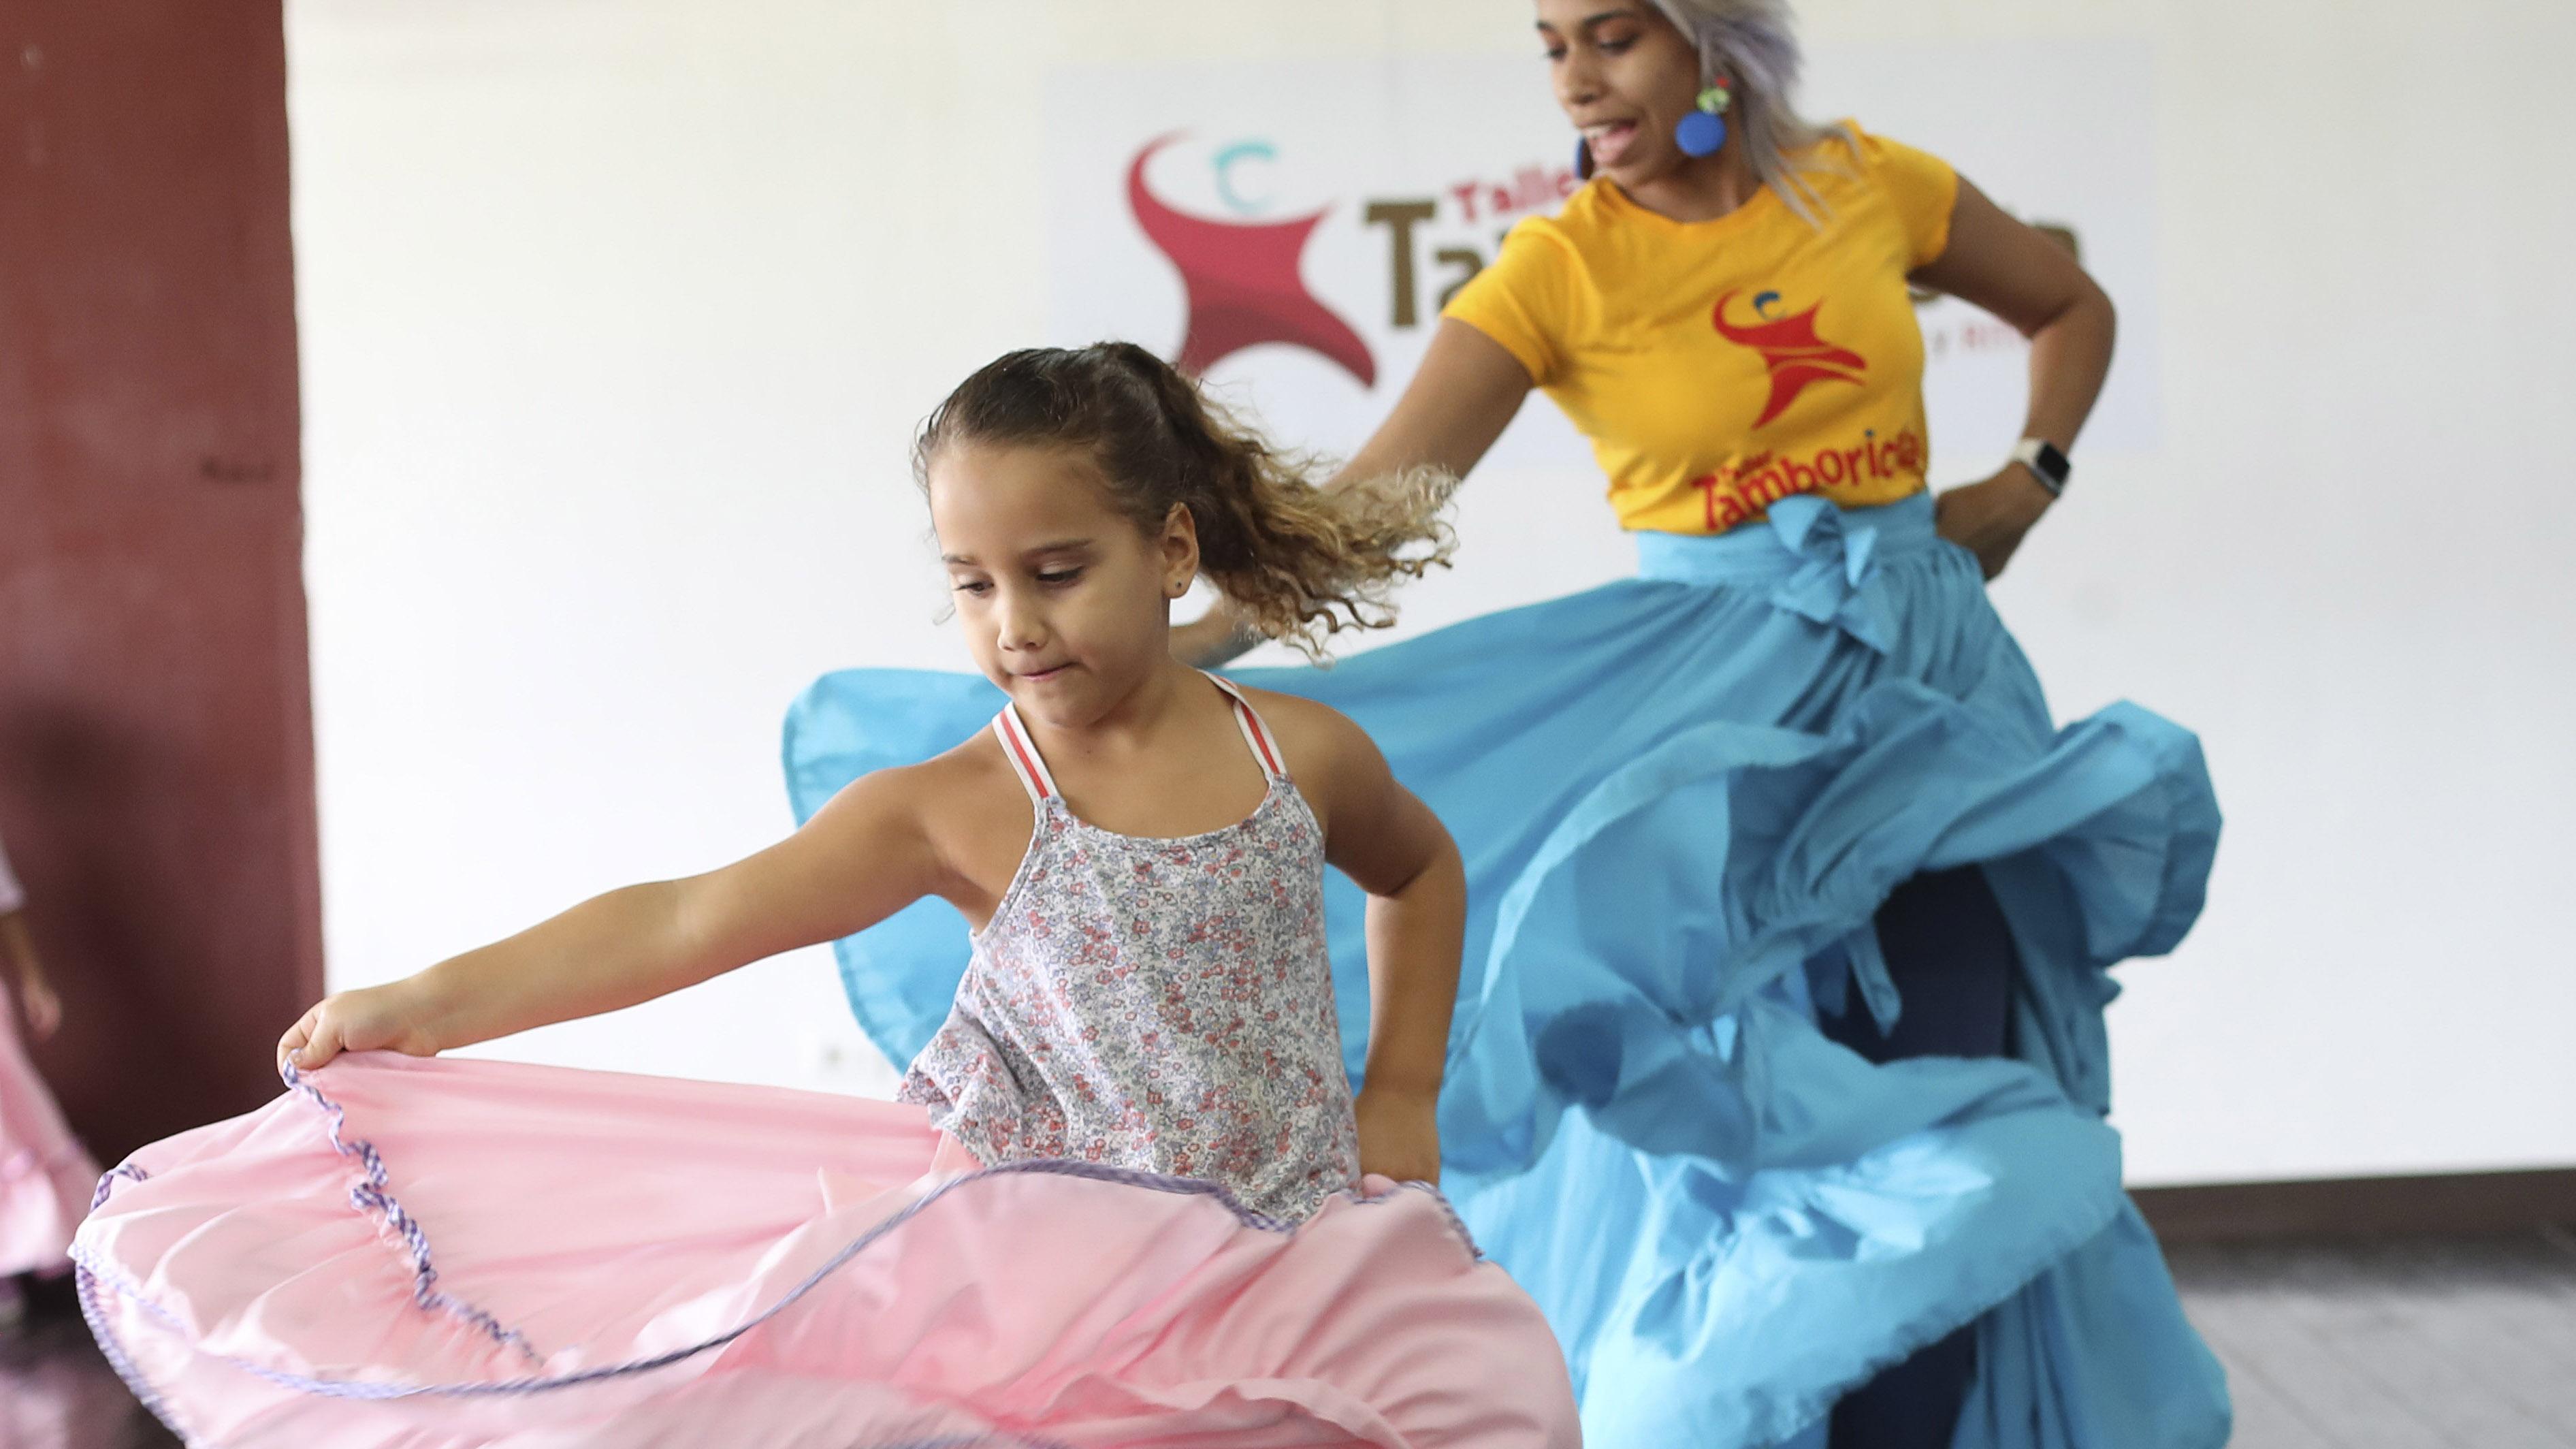 El poder del Taller Tamboricua, cuna de ritmo y tradición